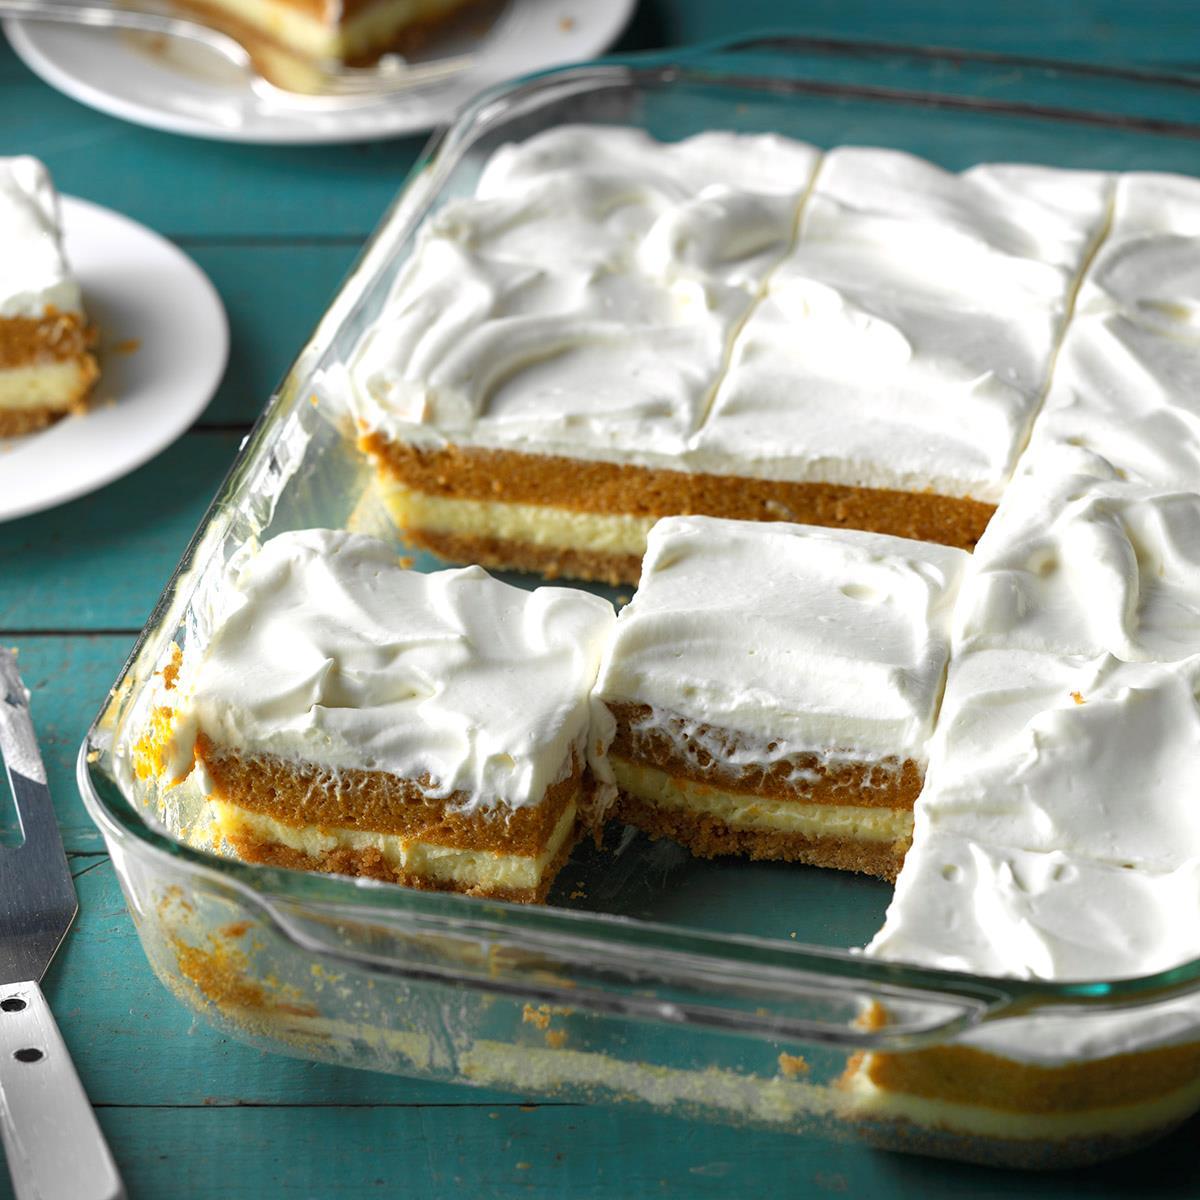 Great Pumpkin Dessert Recipe: Layered Pumpkin Dessert Recipe